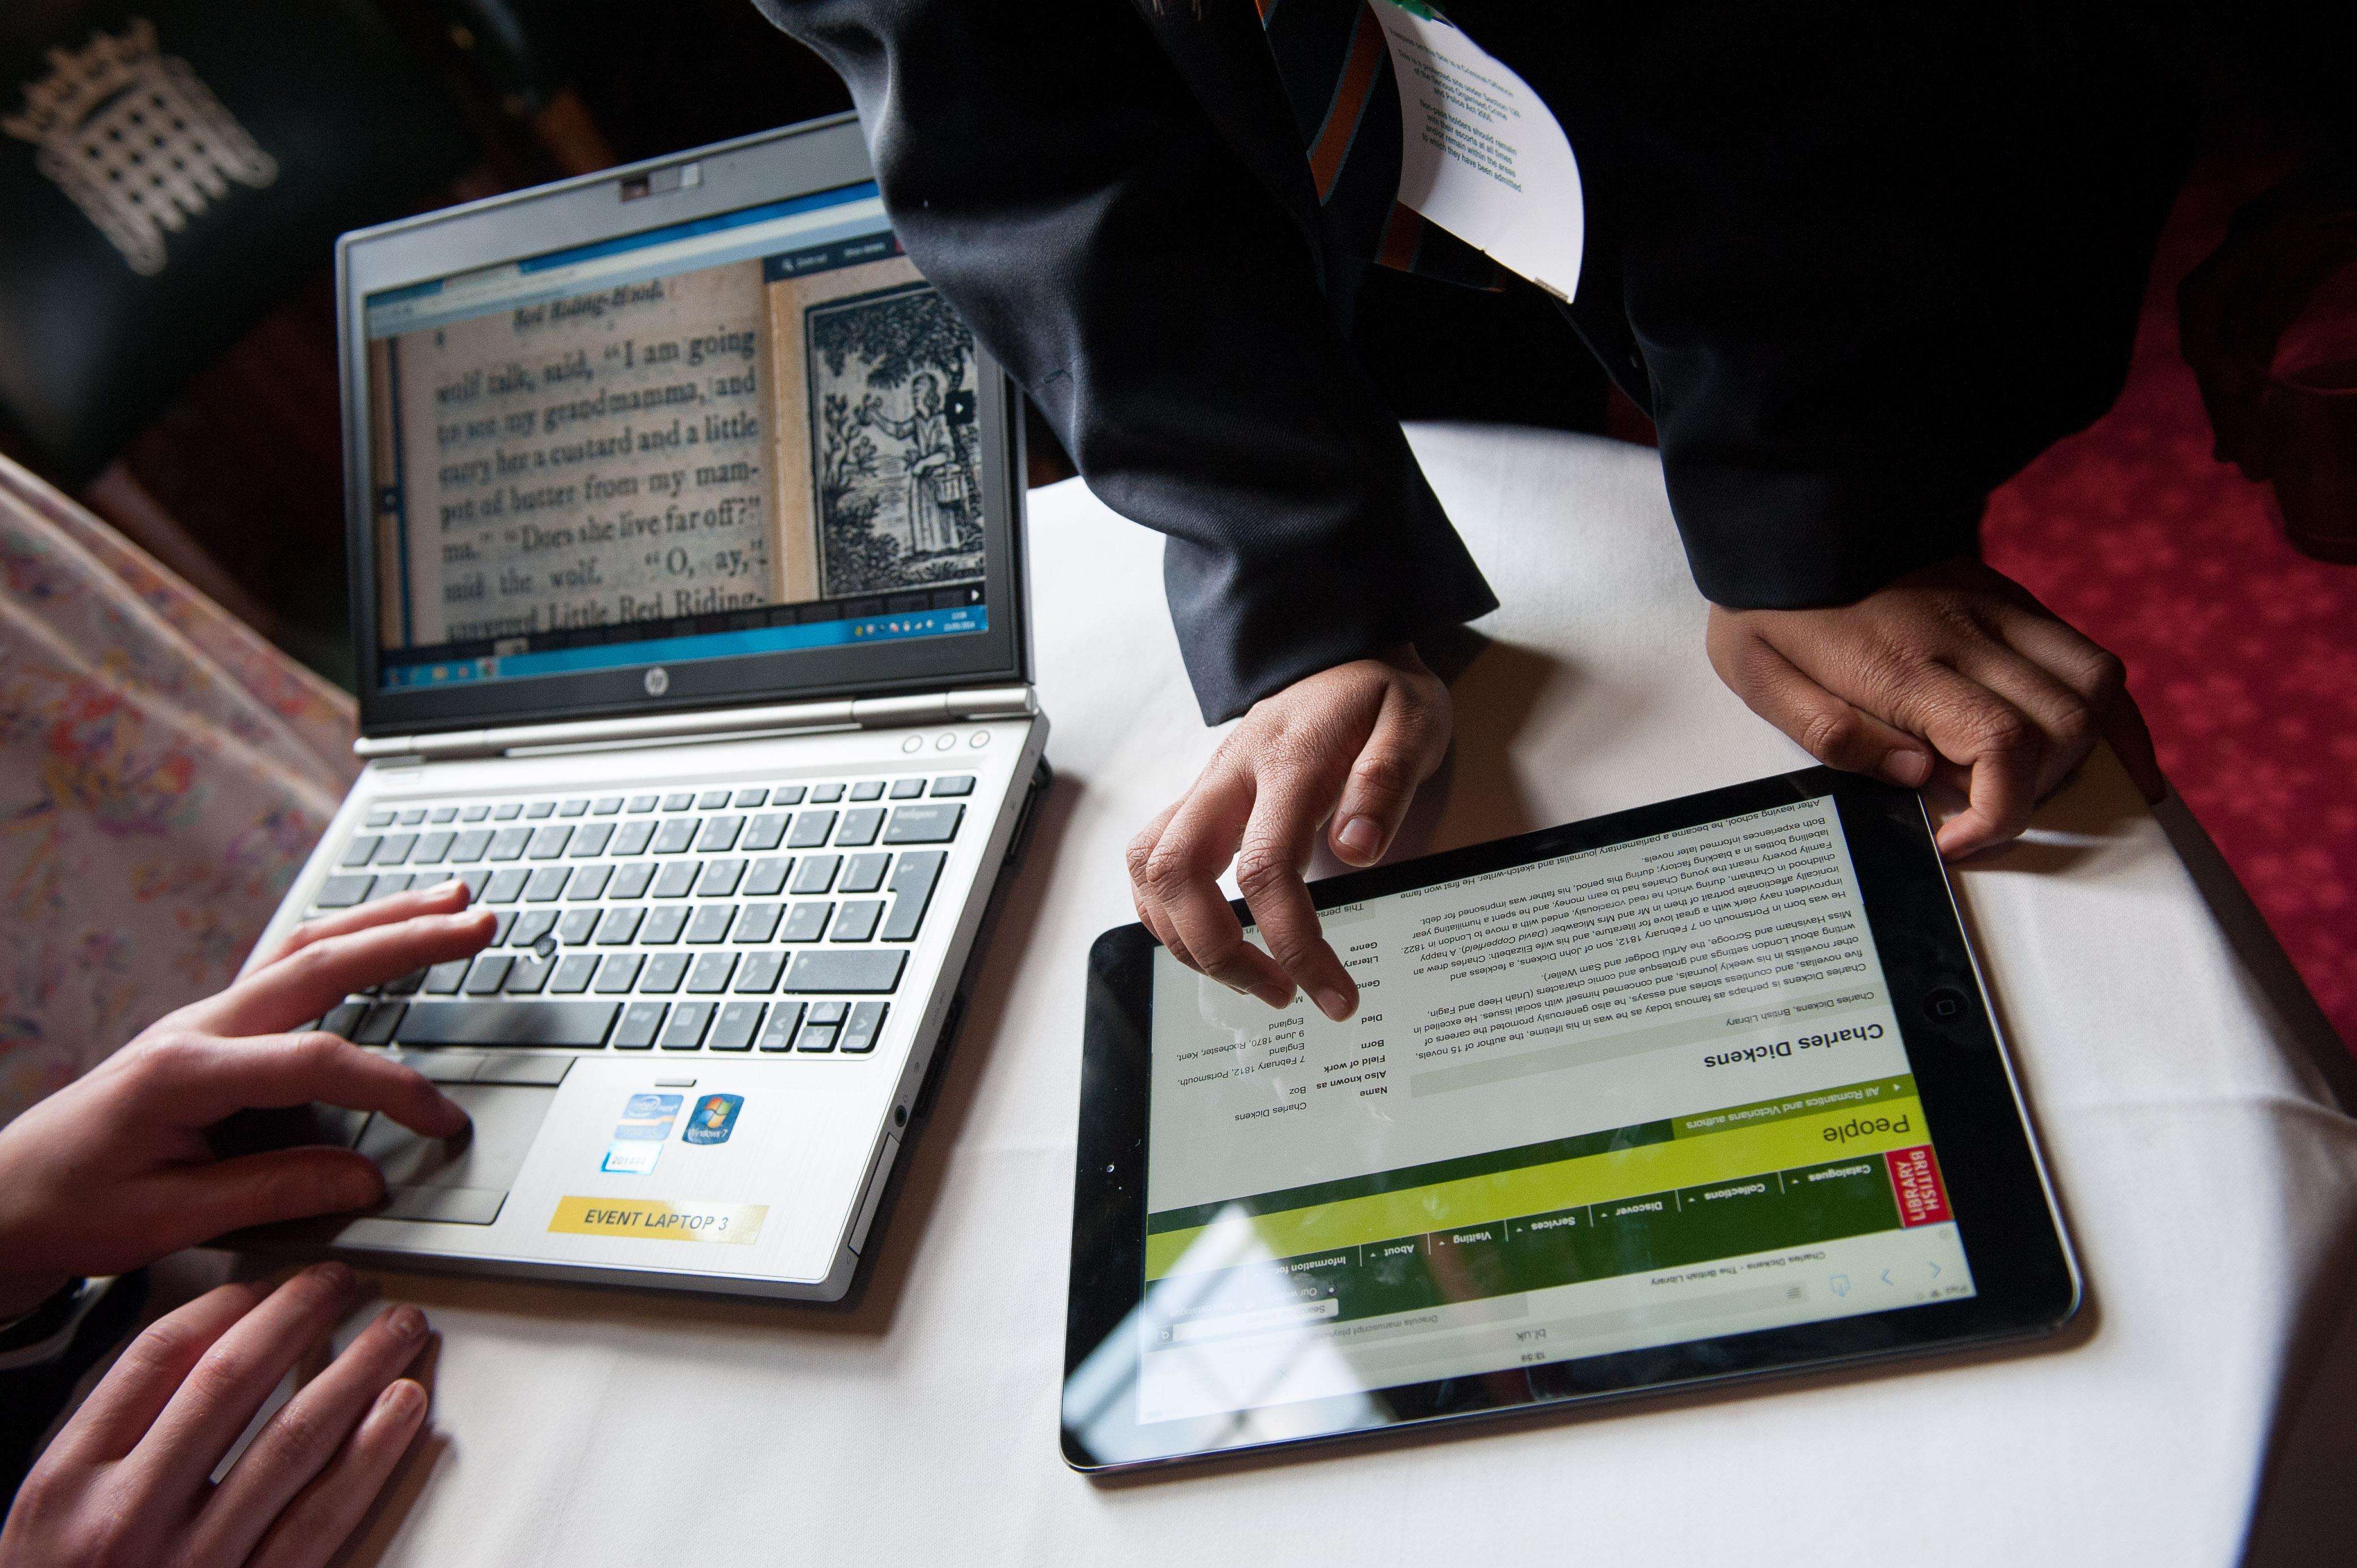 Magna Carta: My Digital Rights